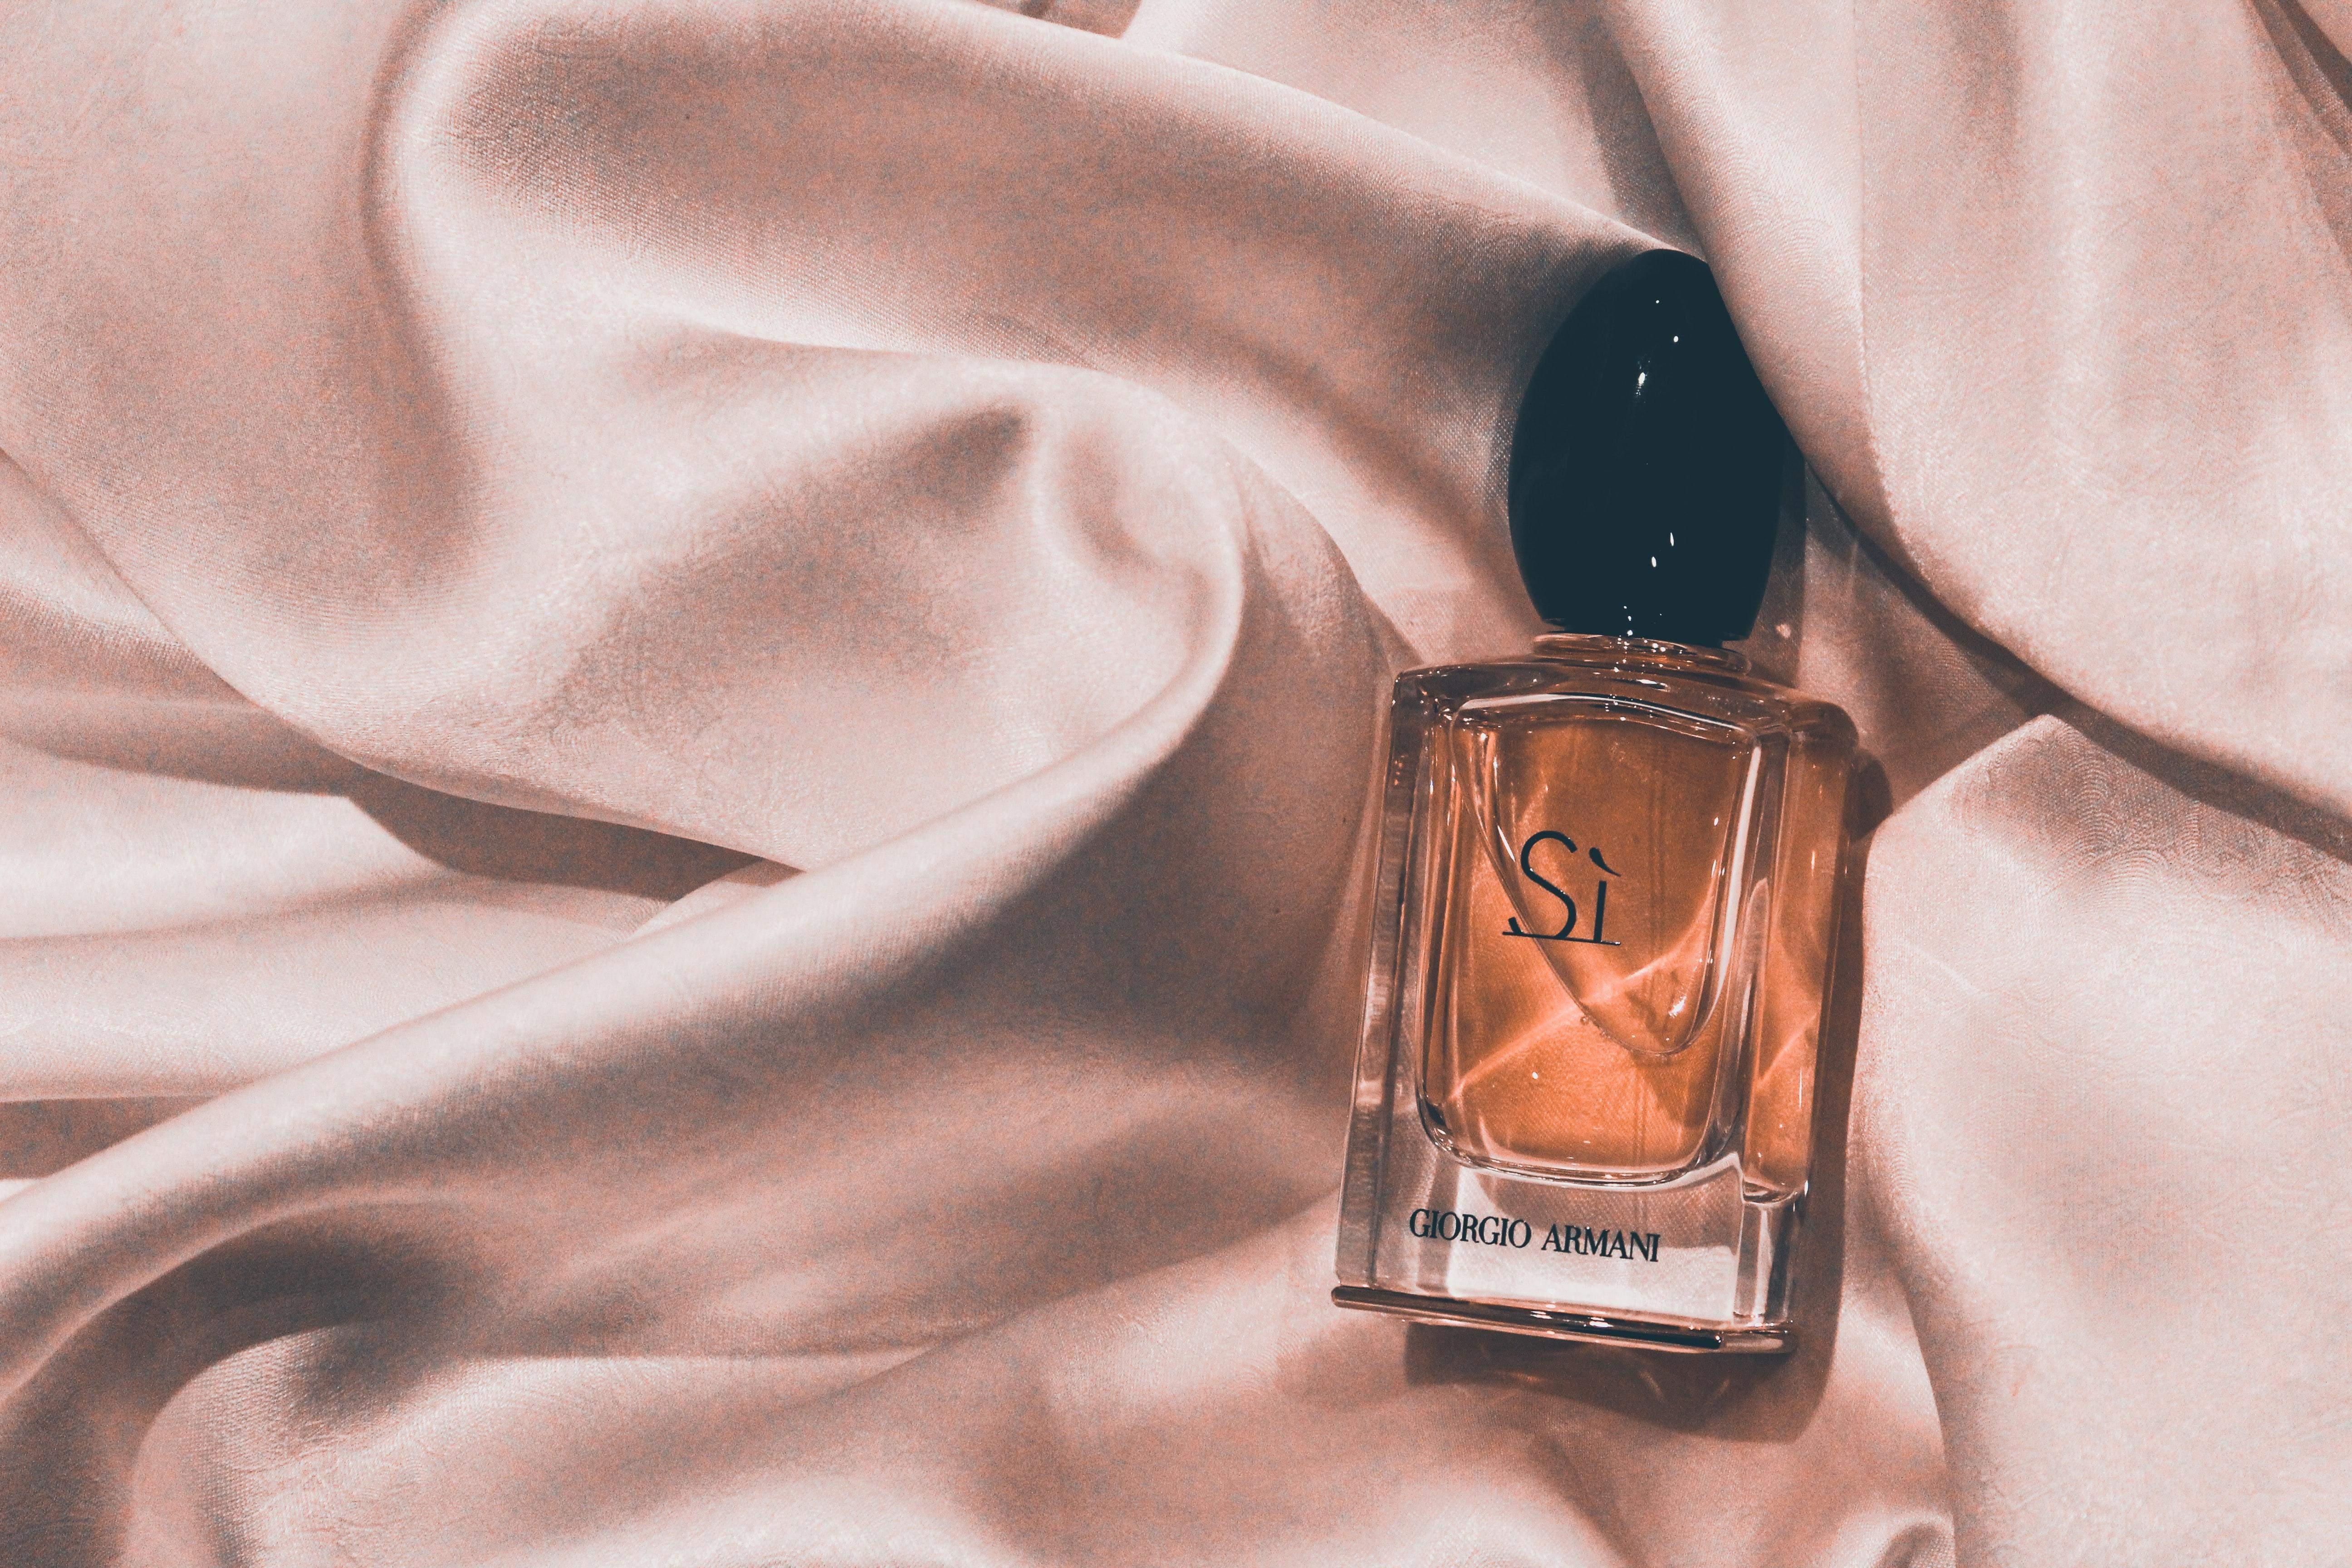 Як наносити парфуми